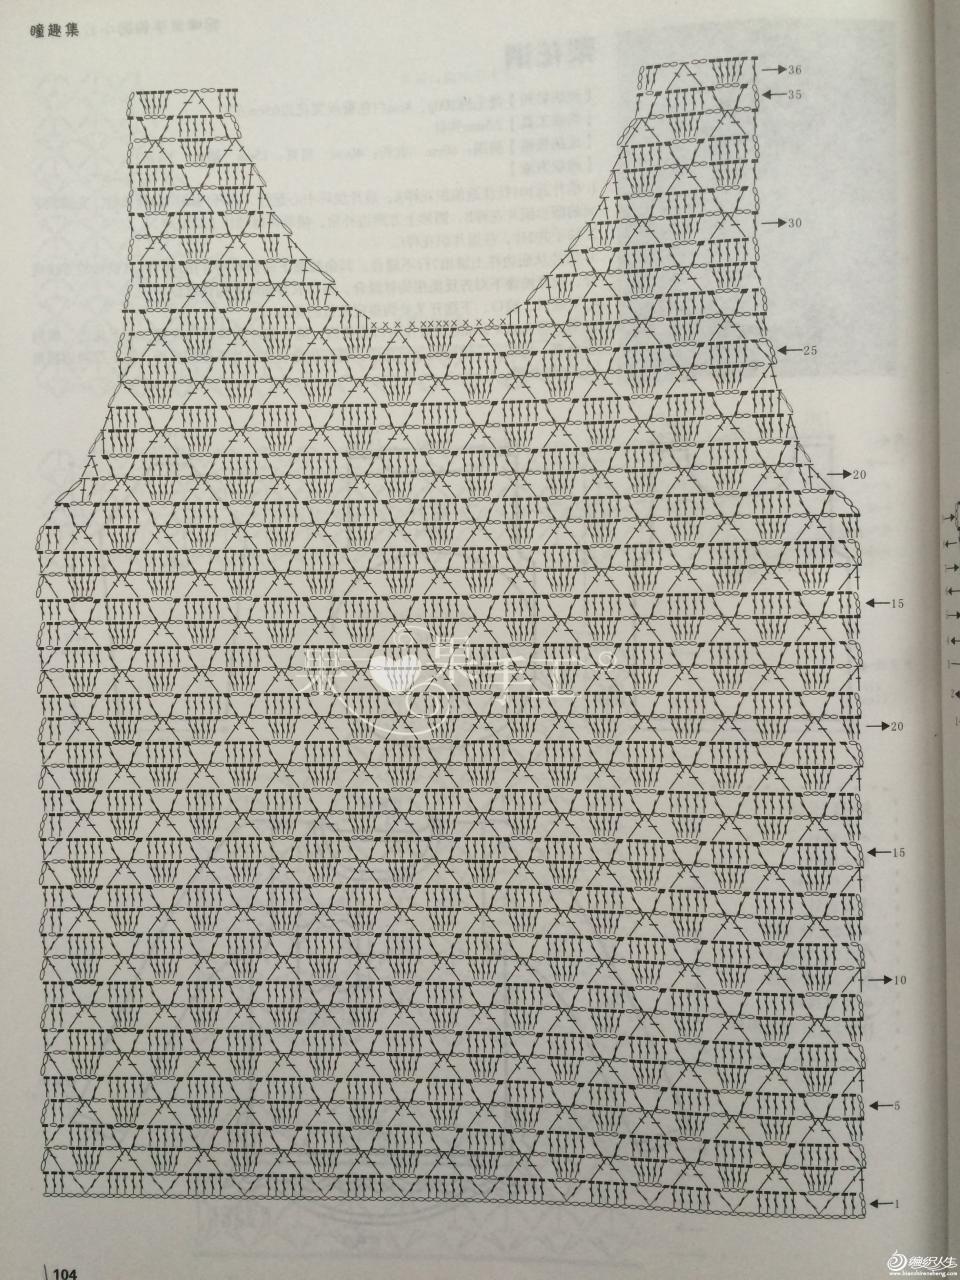 patrones-para-hacer-una-blusa-cola-de-pato-a-crochet-7 | tejido ...